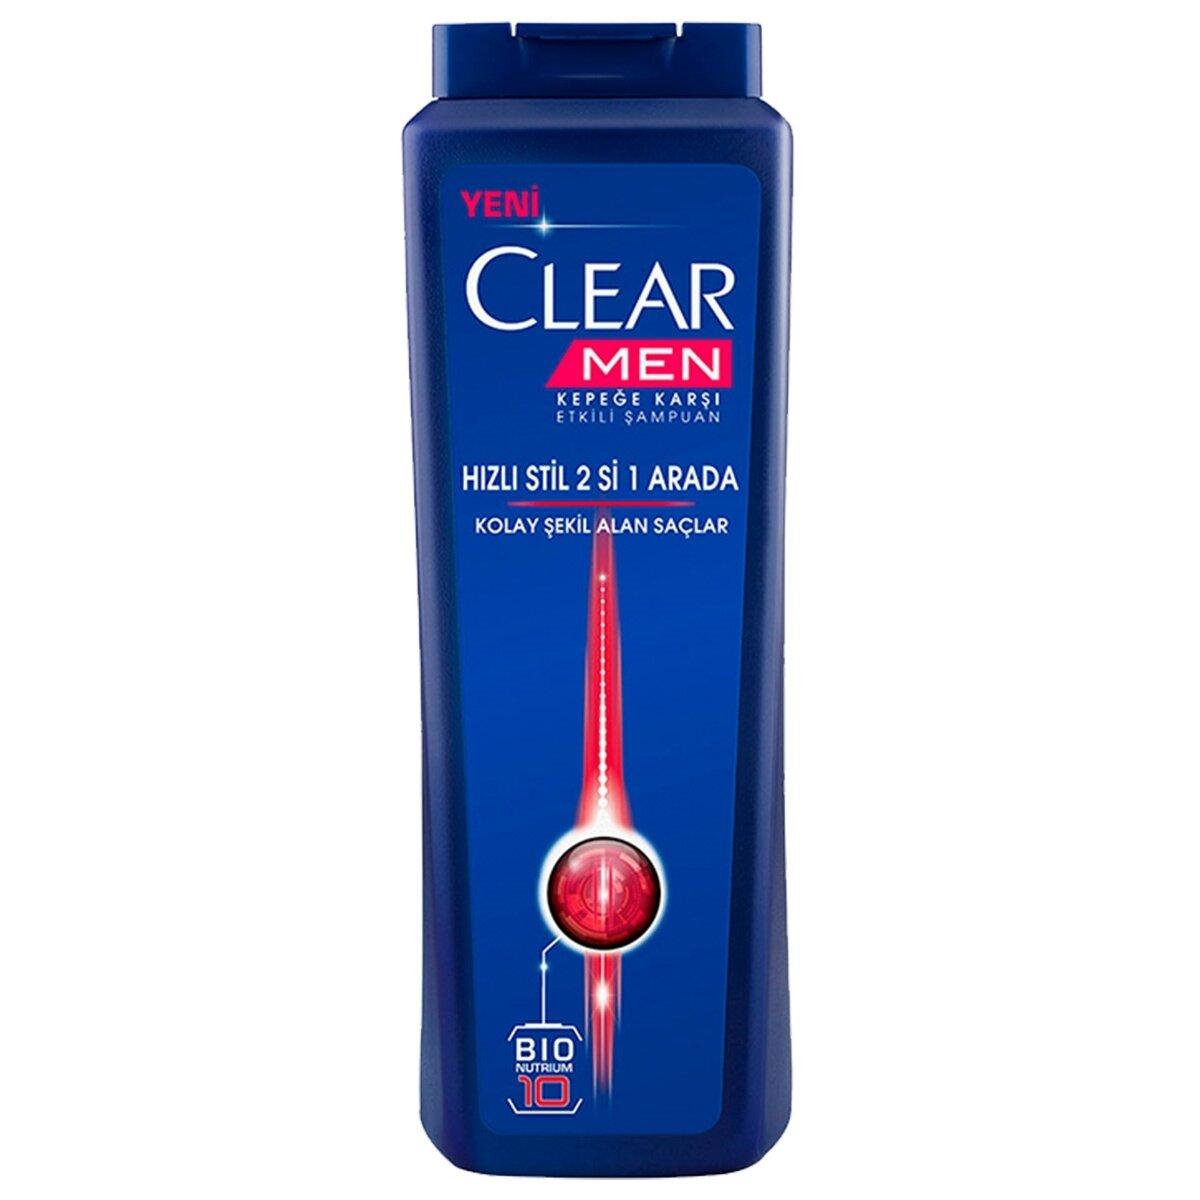 Hızlı Stil 2'si 1 Arada Erkek Şampuanı 550 ml